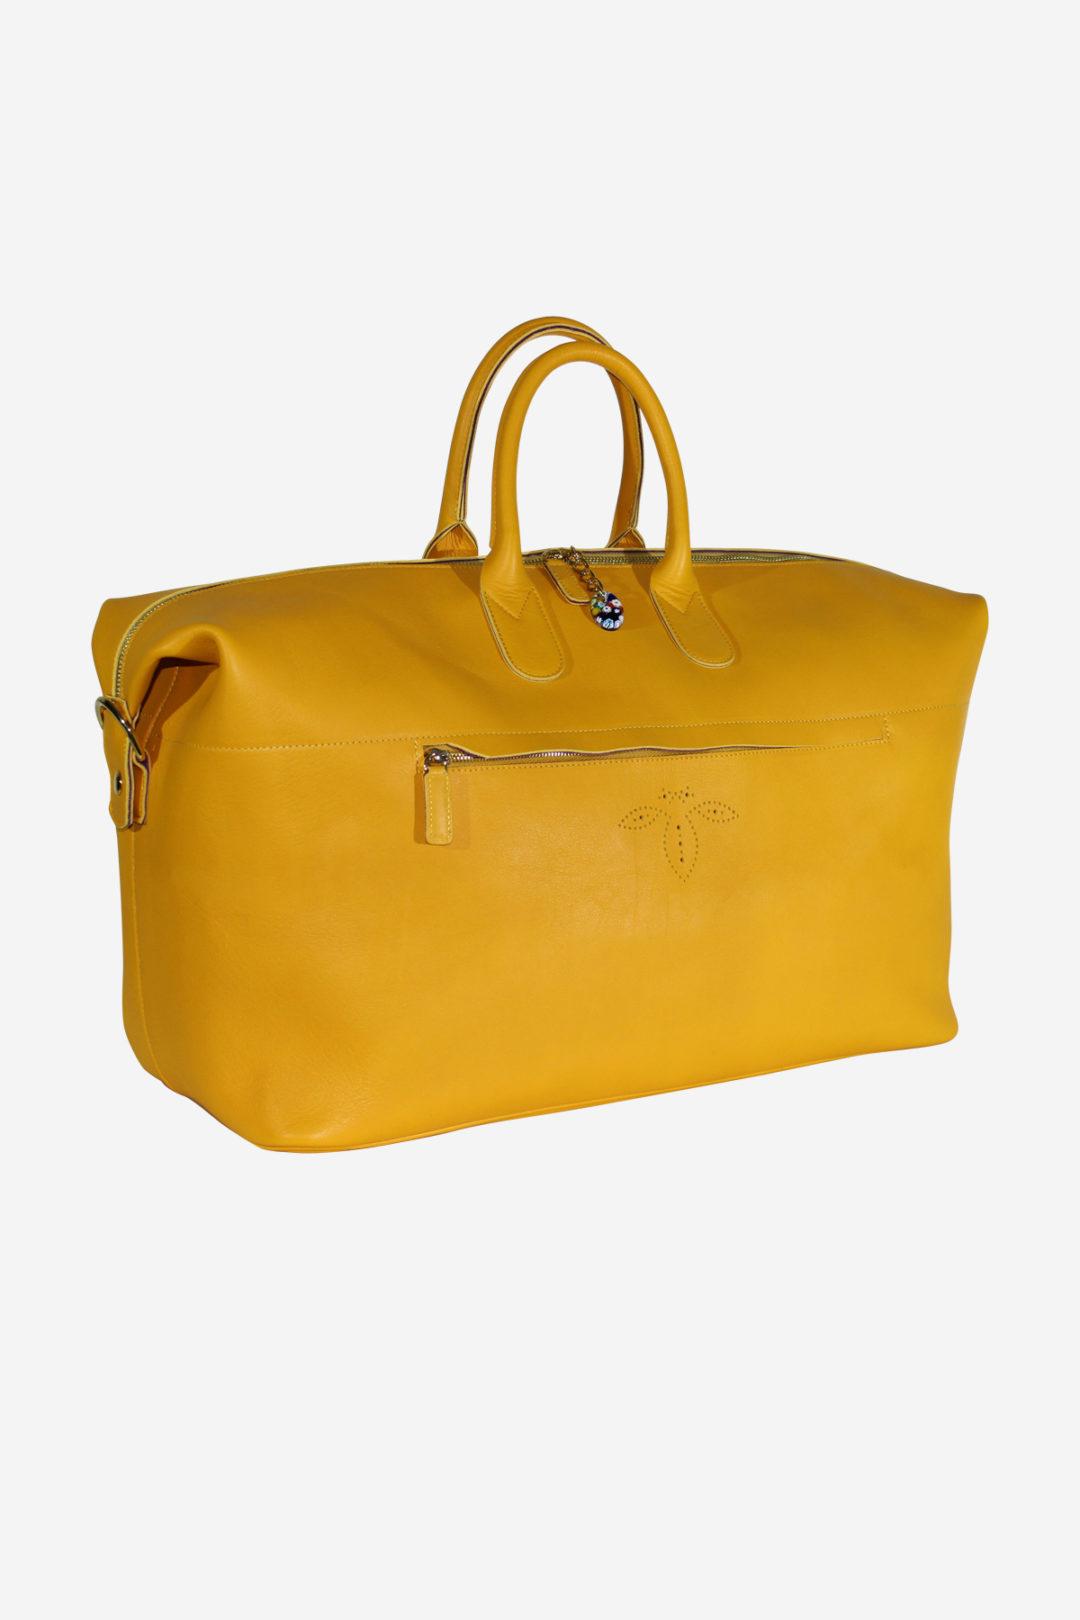 The 038 Venetian Bag